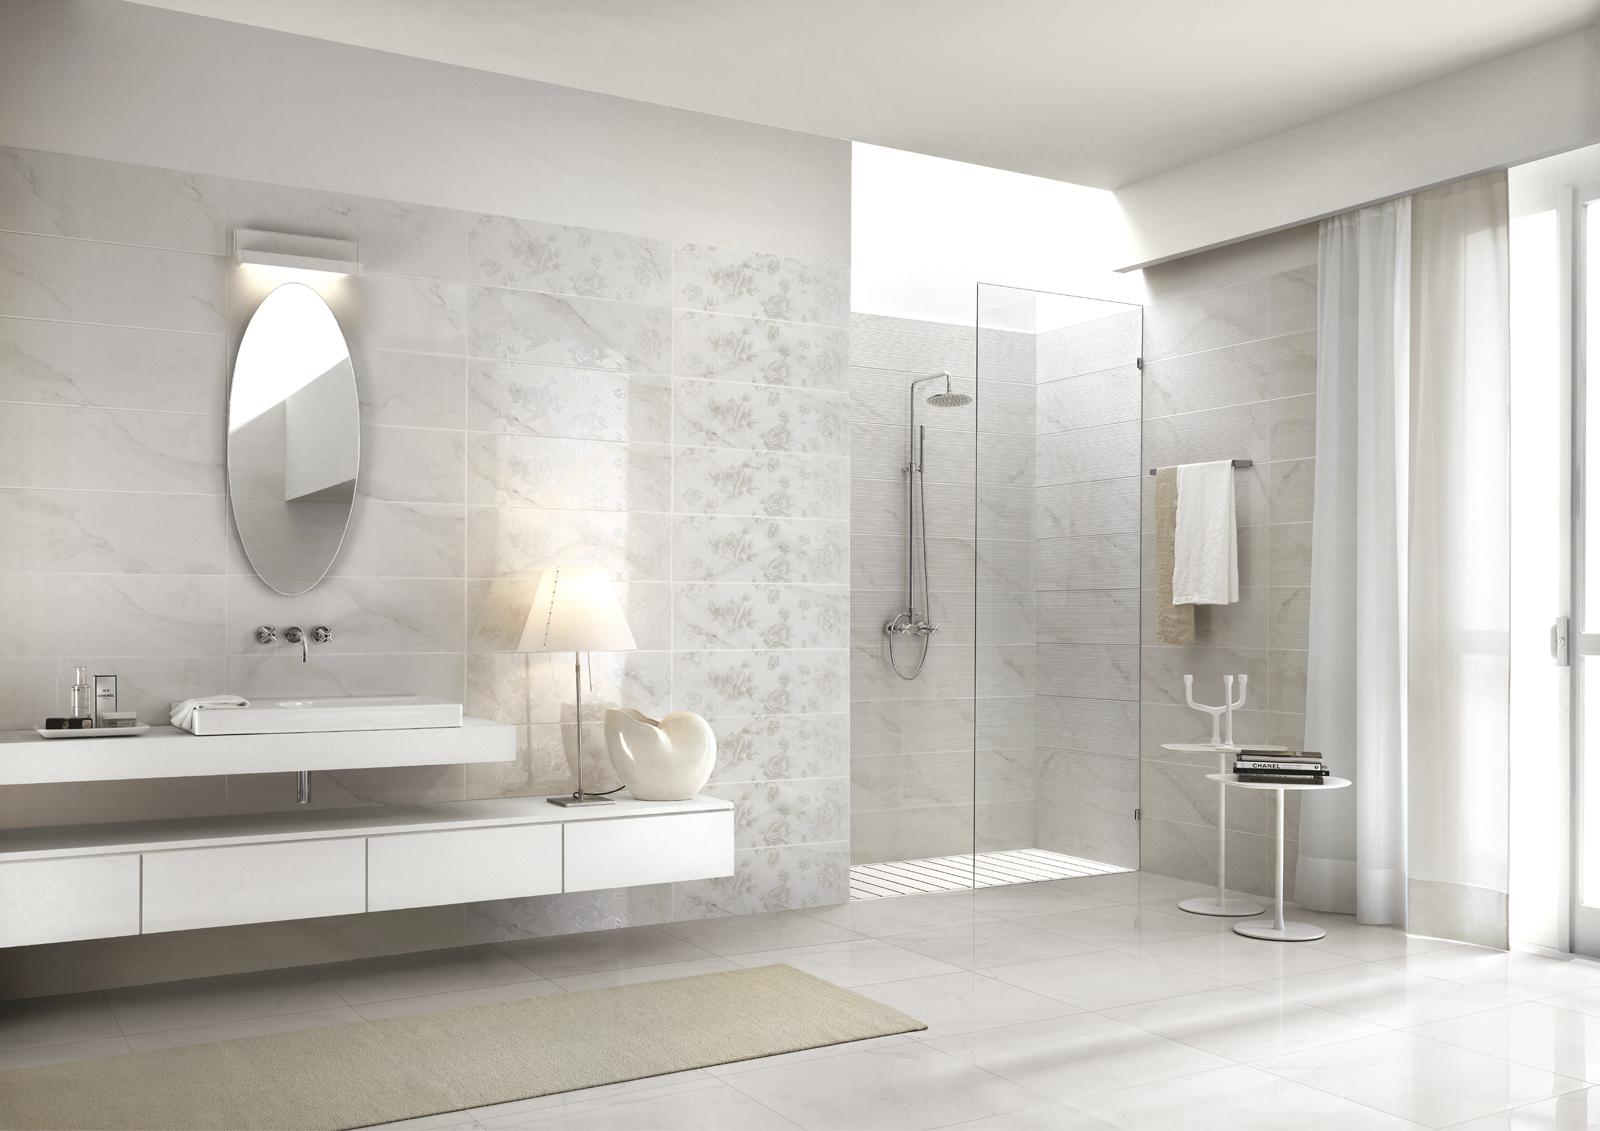 Royale collection marble effect porcelain stoneware ragno royale ceramic tiles ragno4001 doublecrazyfo Choice Image